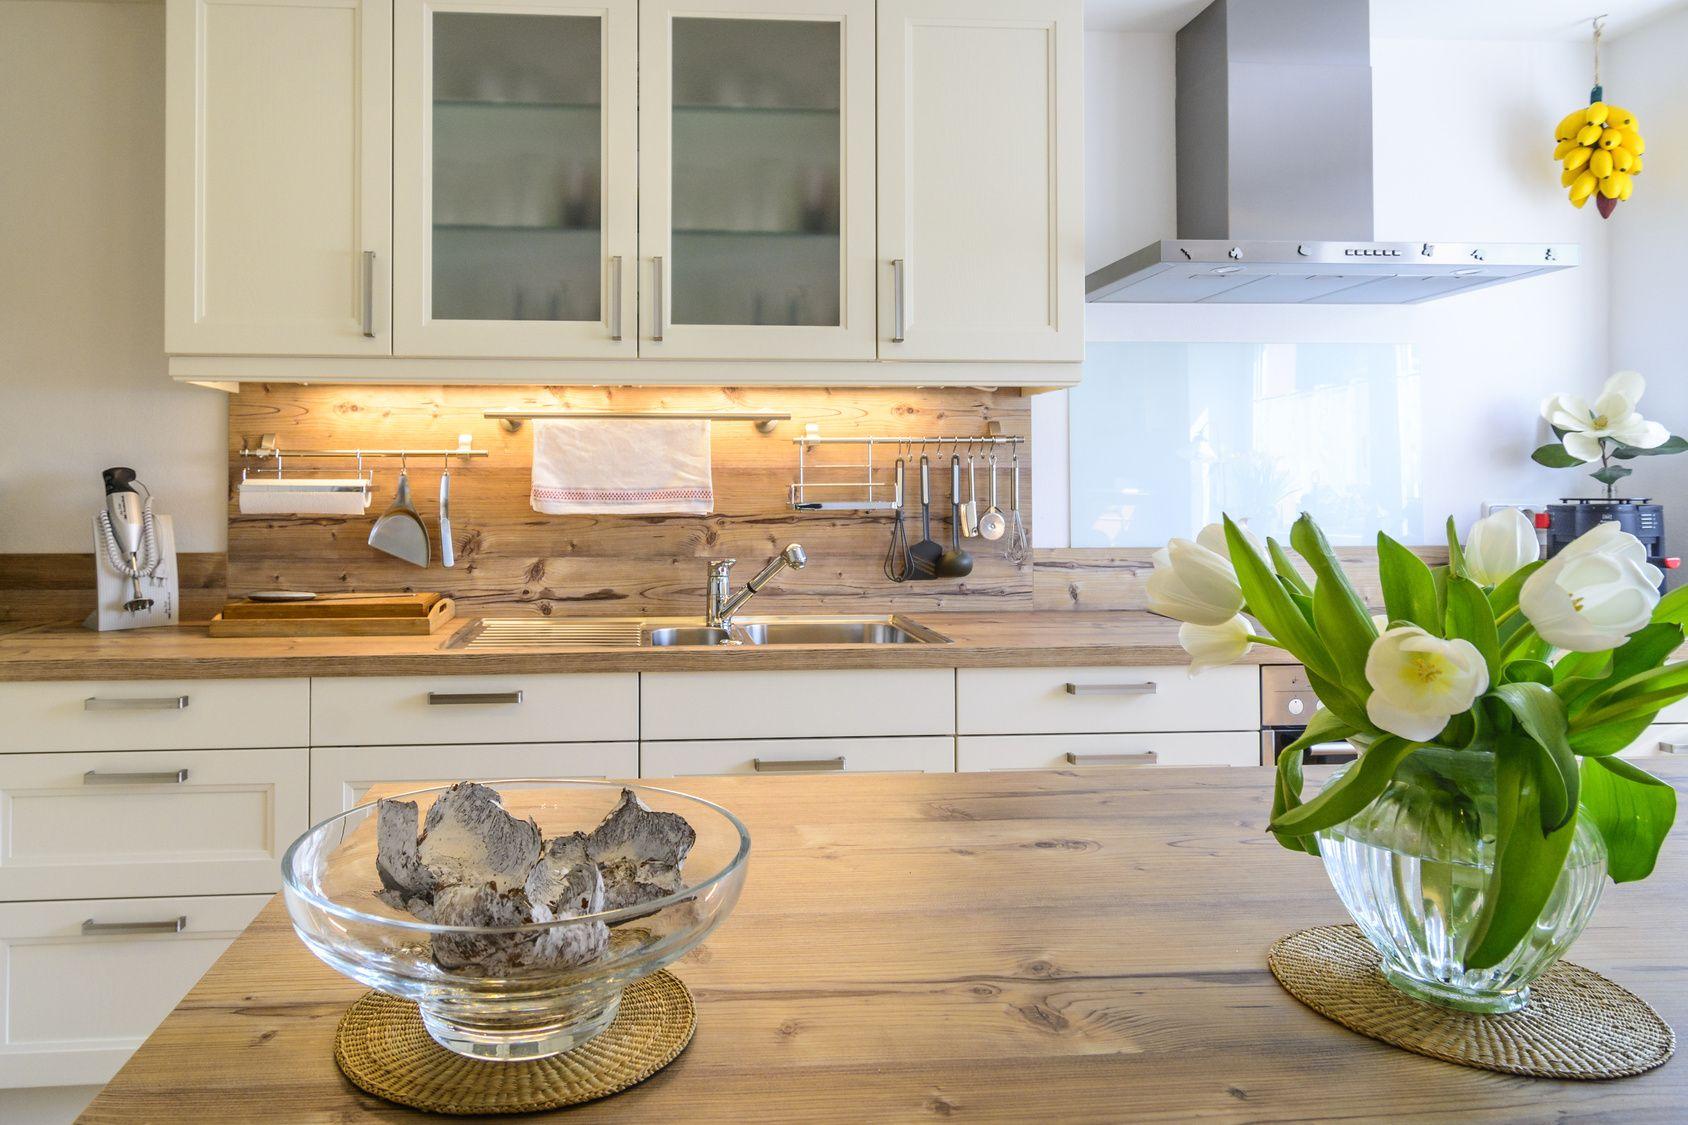 moderne landhausstilk che mit gro z giger k cheninsel traumhaus pinterest k cheninsel. Black Bedroom Furniture Sets. Home Design Ideas